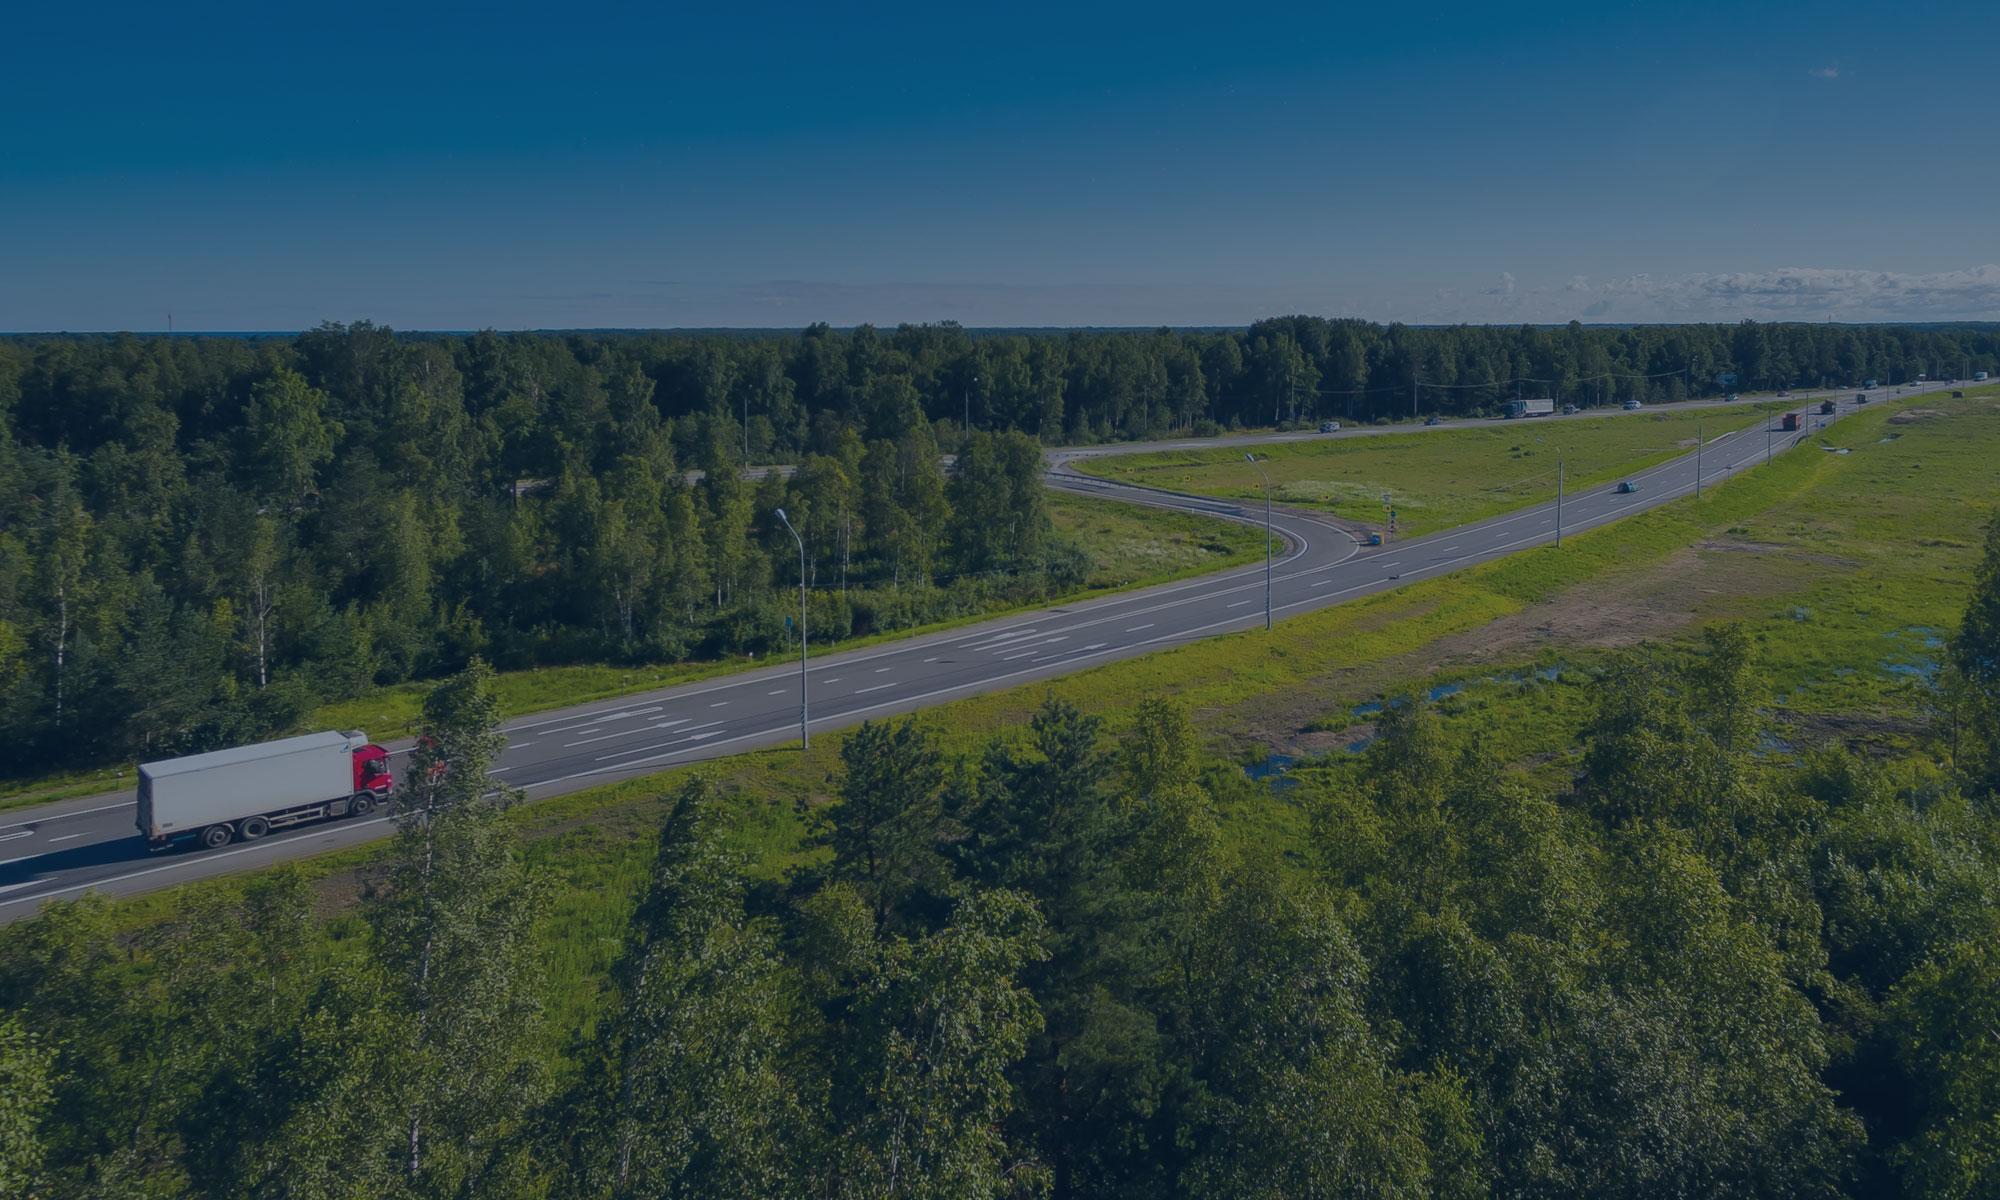 """Реконструкция мостового перехода через реку Волхов на км 122+085 автомобильной дороги М-18 """"Кола"""" (2, 3 этап)"""